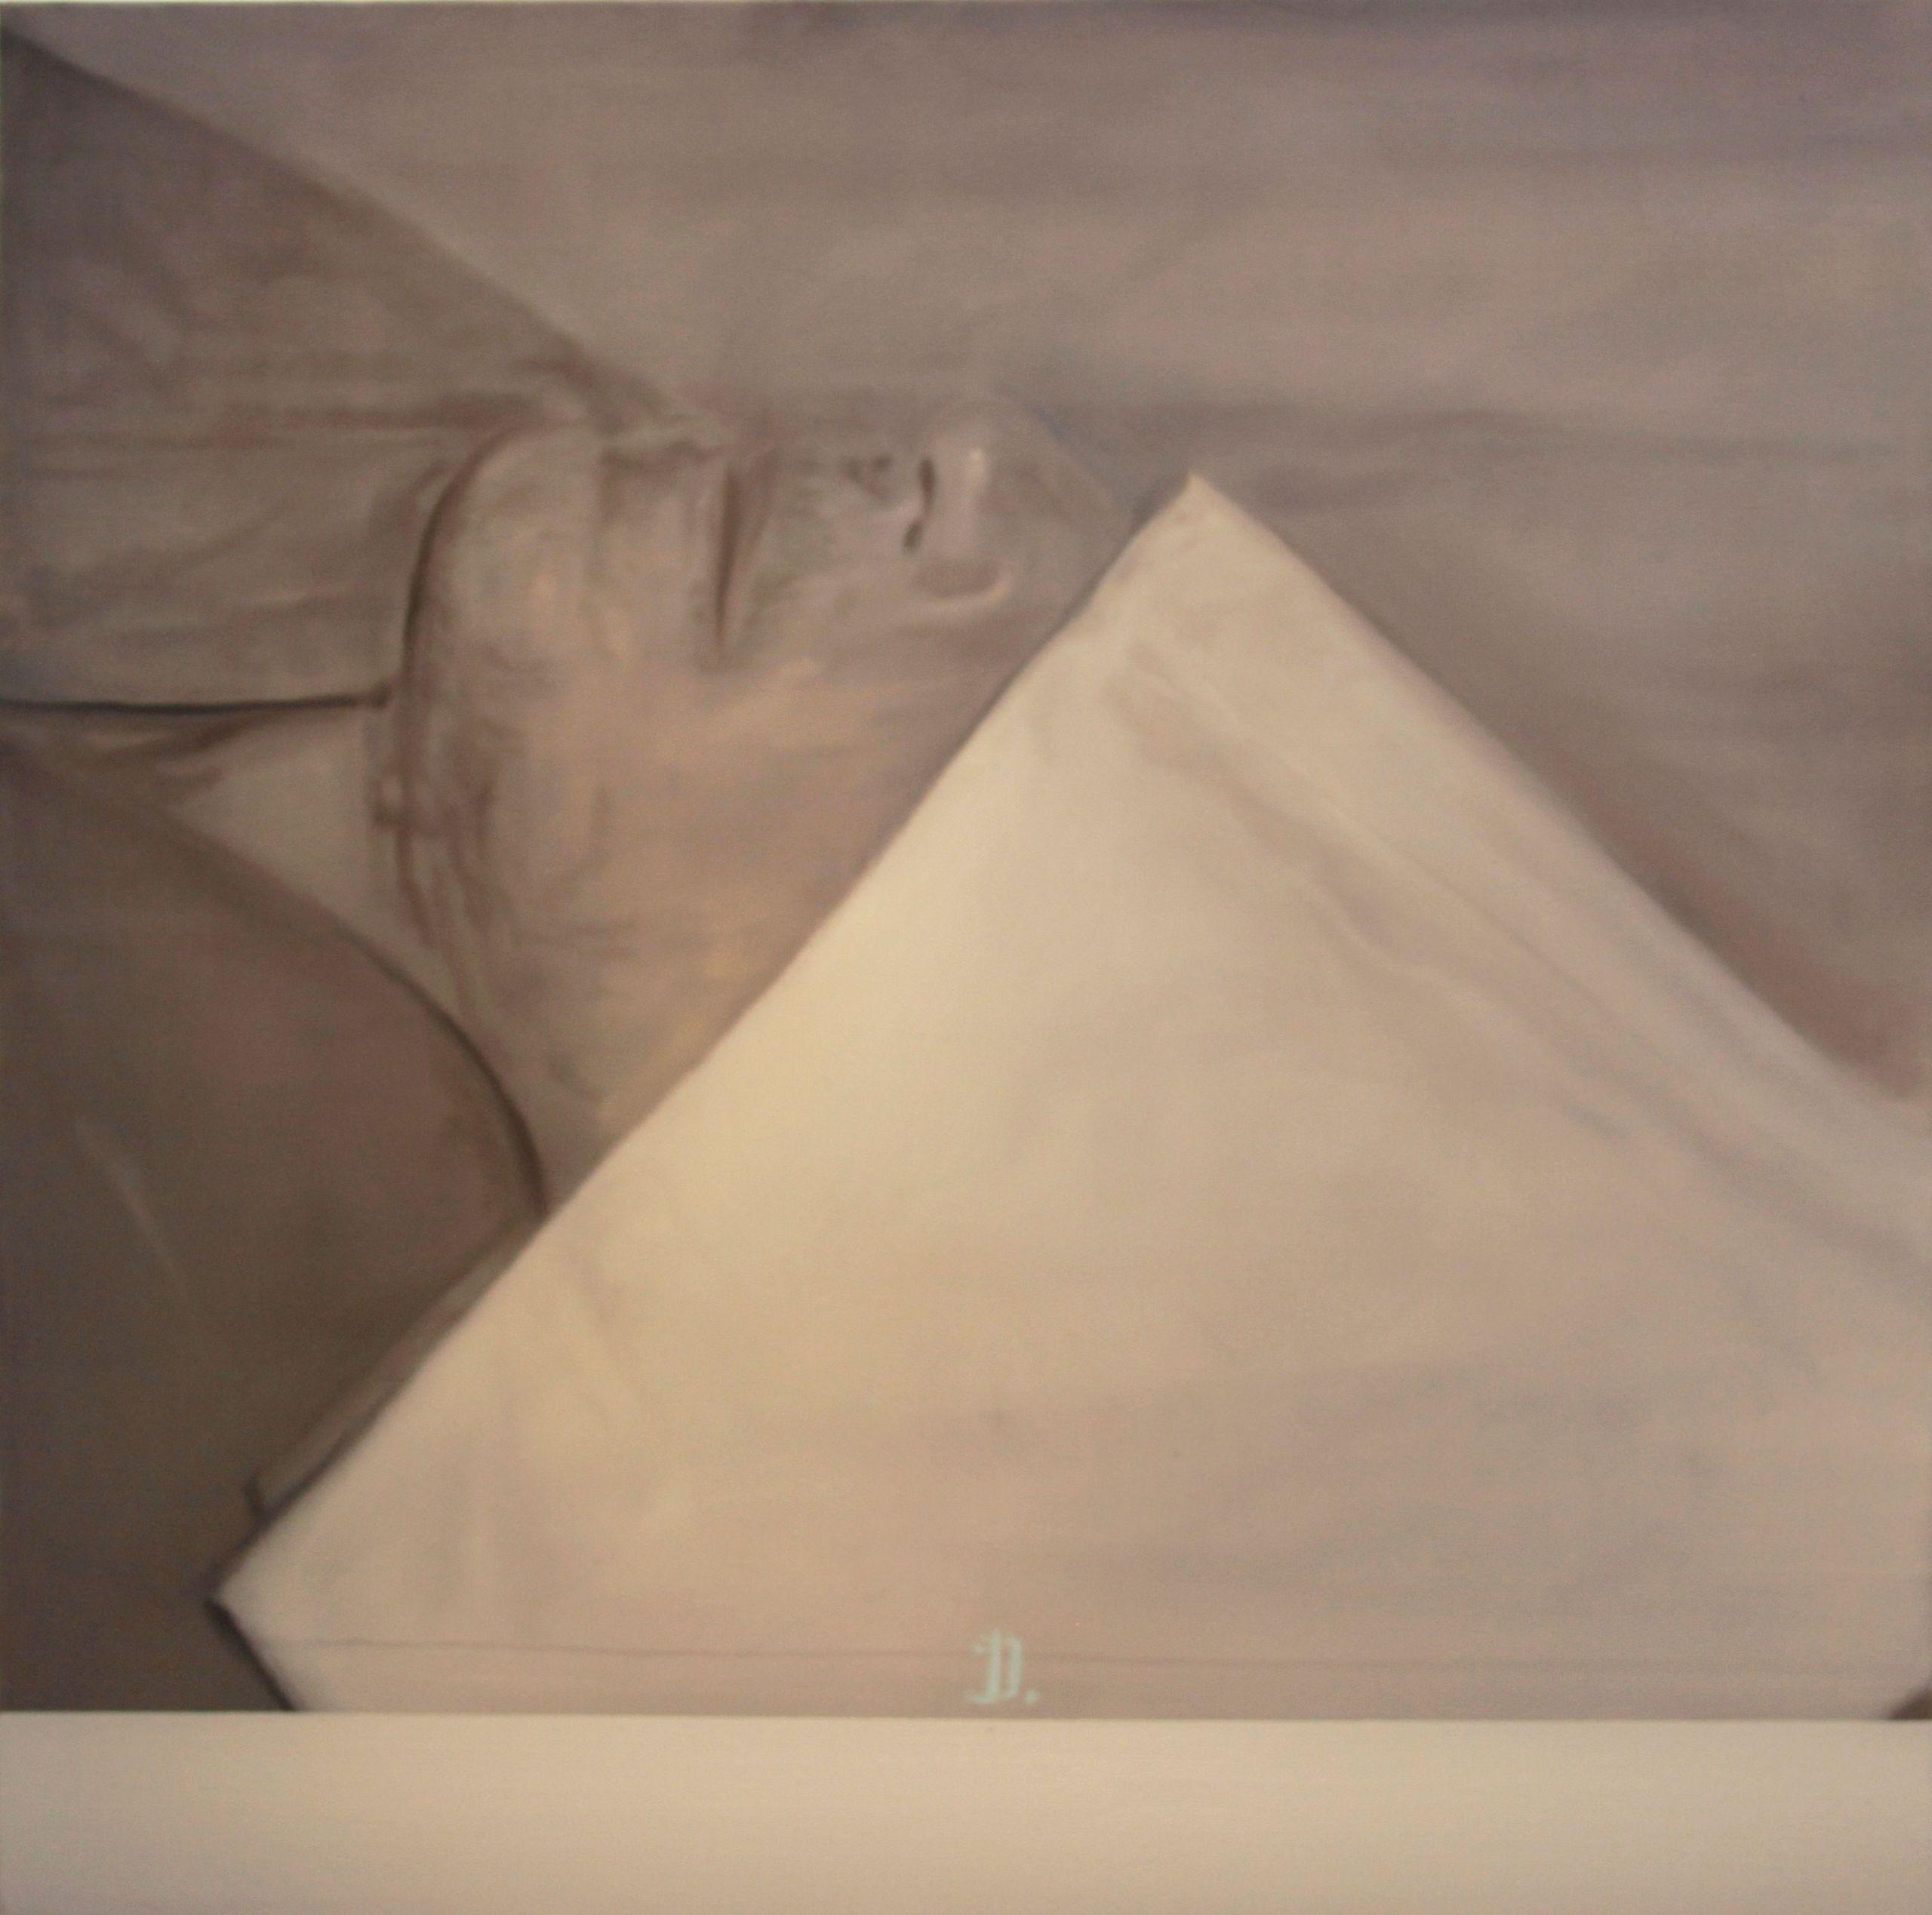 Βαγγέλης Γκόκας - D., 2011, λάδι σε μουσαμά, 110 x 110 εκ.